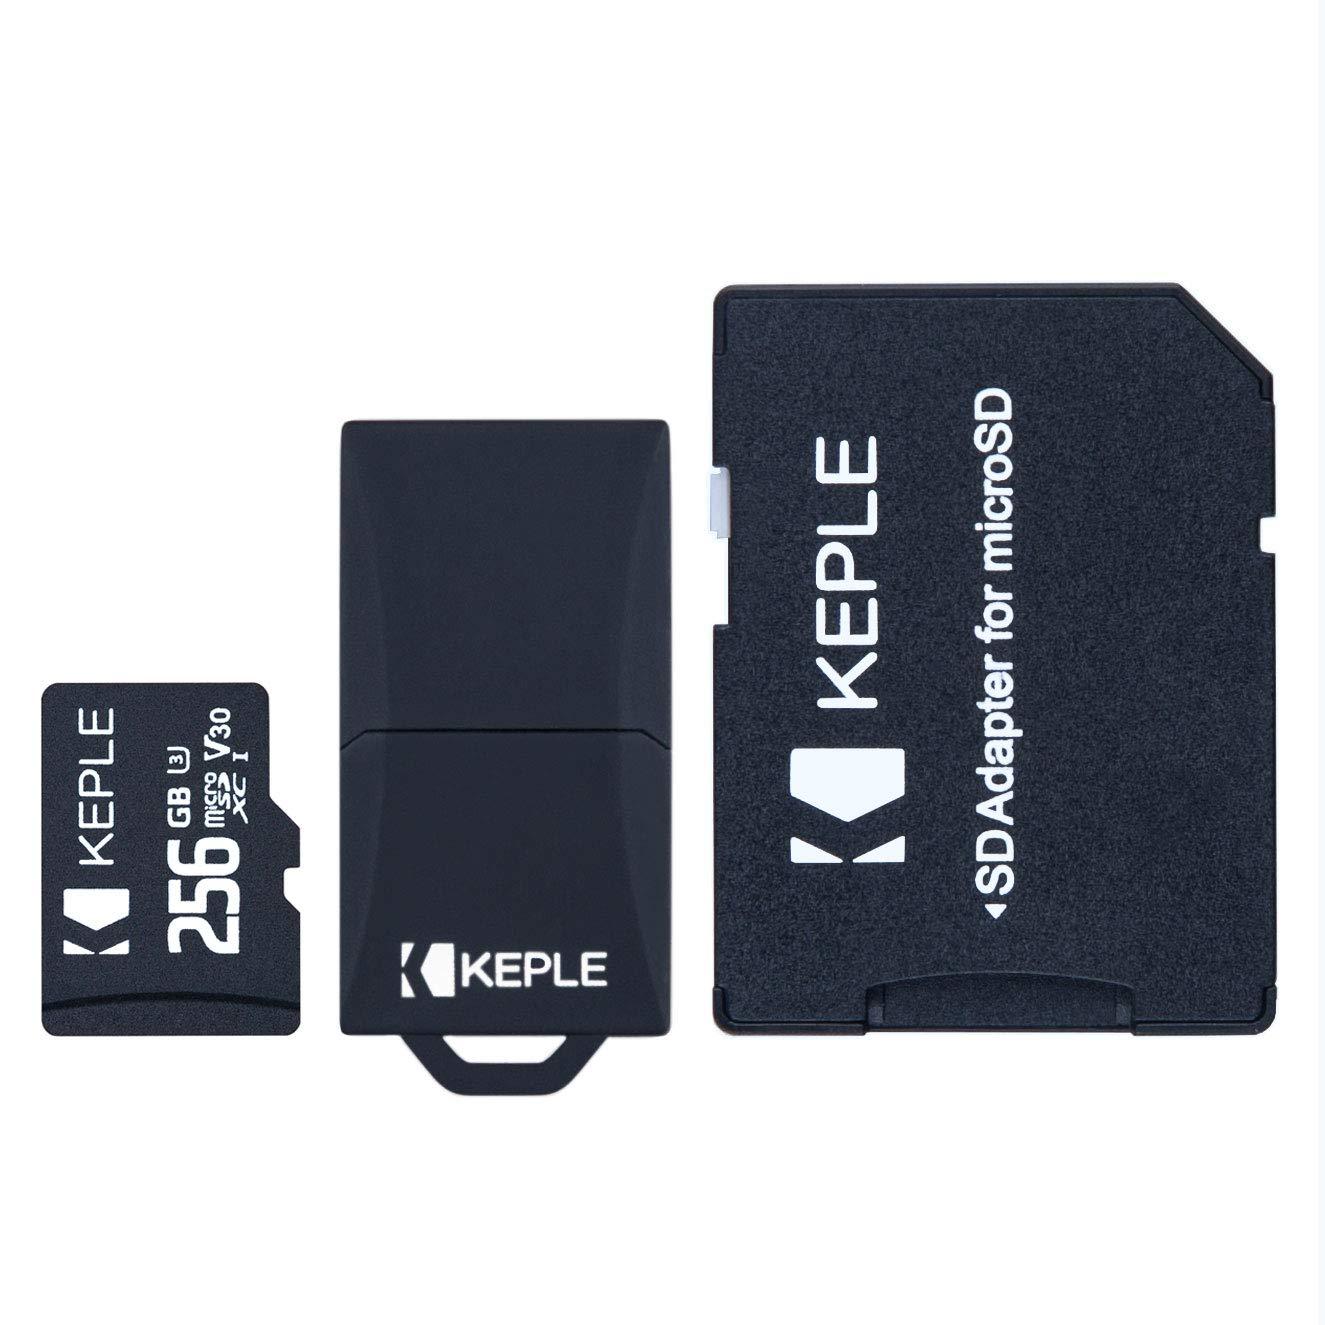 Tarjeta de Memoria MicroSD de 256GB Clase 10 Compatible con Panasonic Lumix DMC-FZ300, DMC-FZ2500, DMC-FZ2000, DMC-FZ1000, DMC-ZS60, DMC-ZS100, DMC-TZ80GNS Cámara | Micro SD 256 GB: Amazon.es: Electrónica